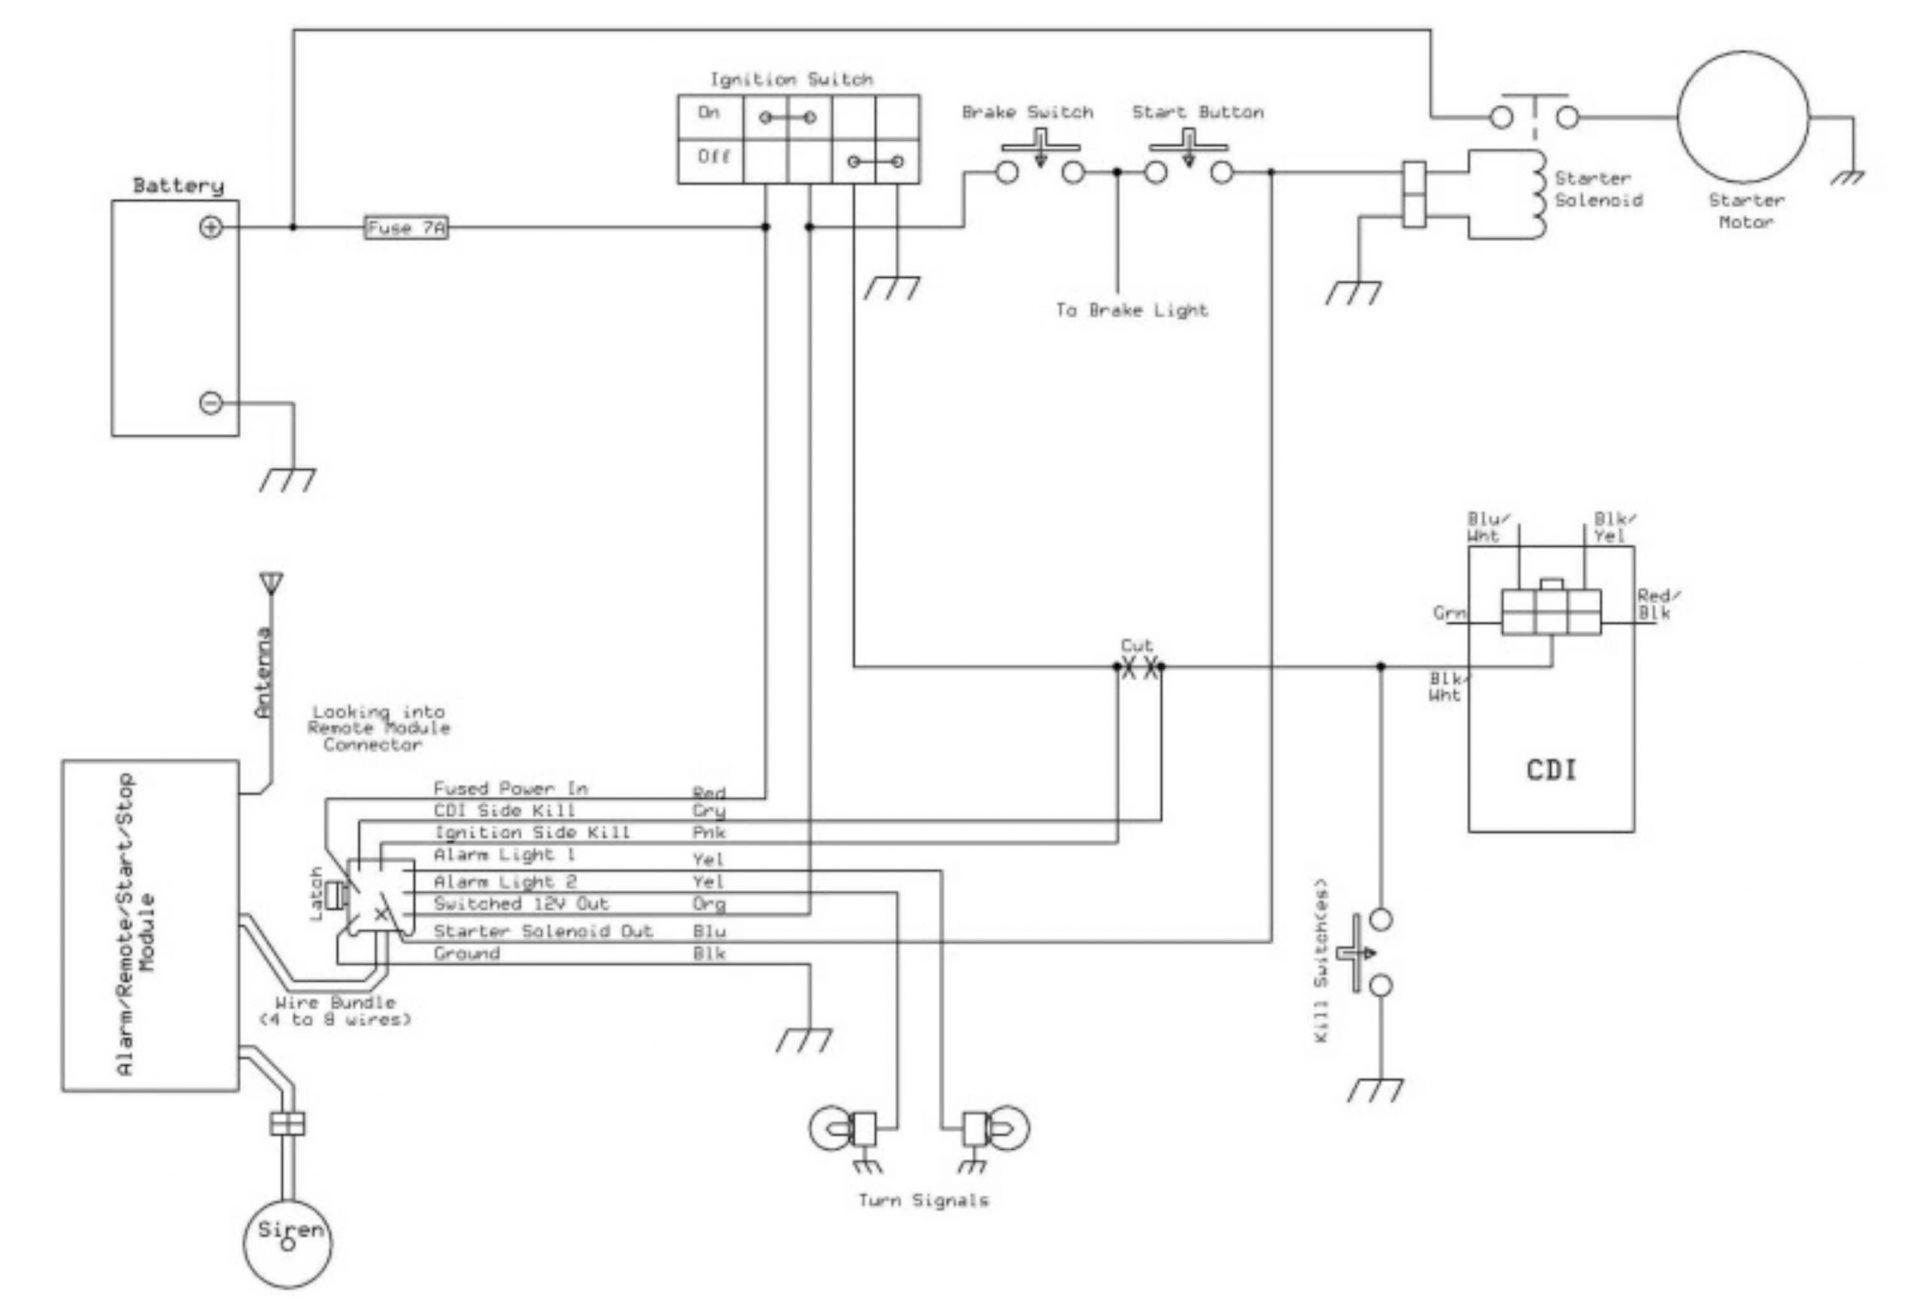 Remote Starter Wiring Diagram Auto Mand Remote Starter Wiring Diagram Zookastar Of Remote Starter Wiring Diagram